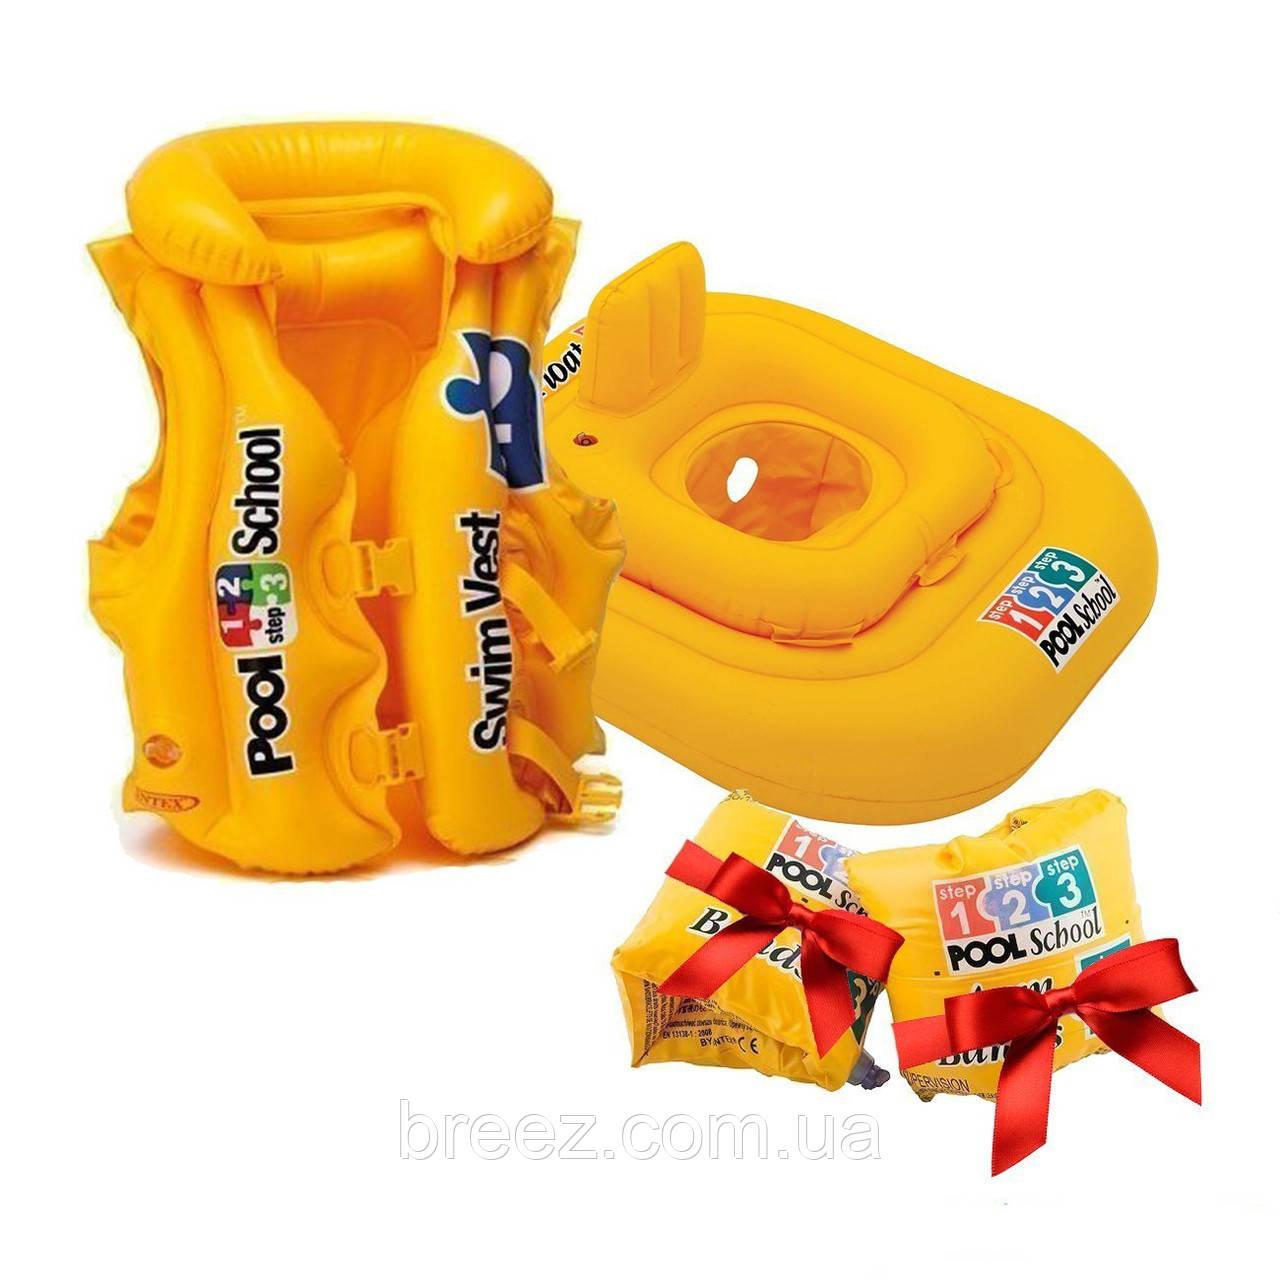 Детский комплект для плавания 3 в 1 Pool School Intex